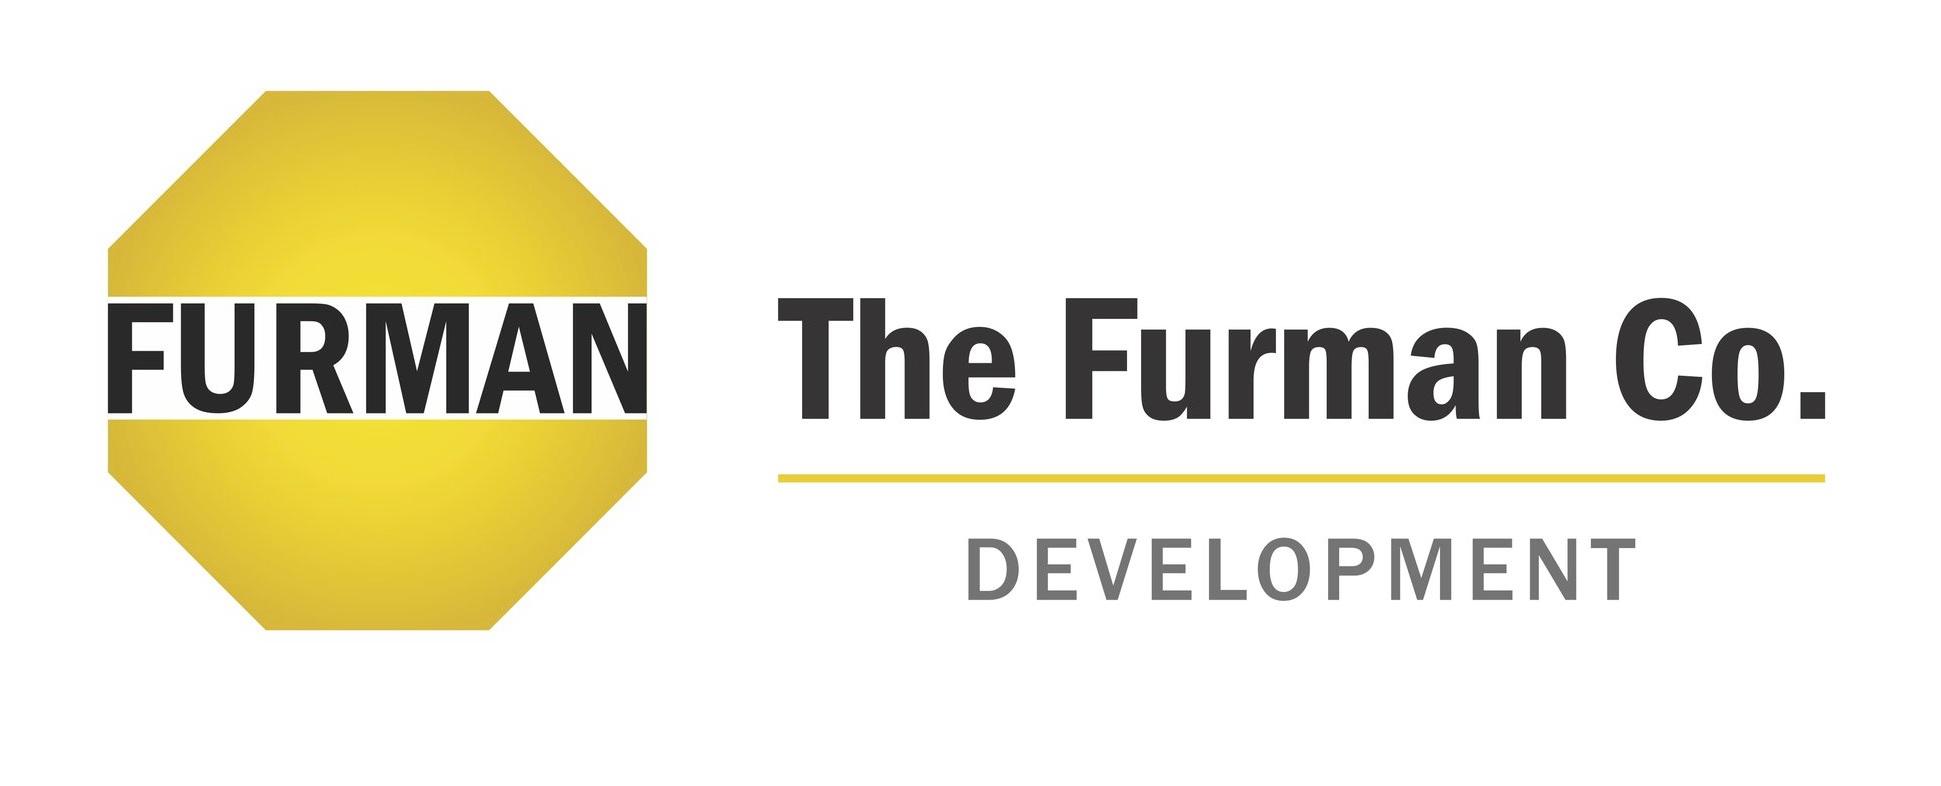 Furman Co Dev't JPG.jpg